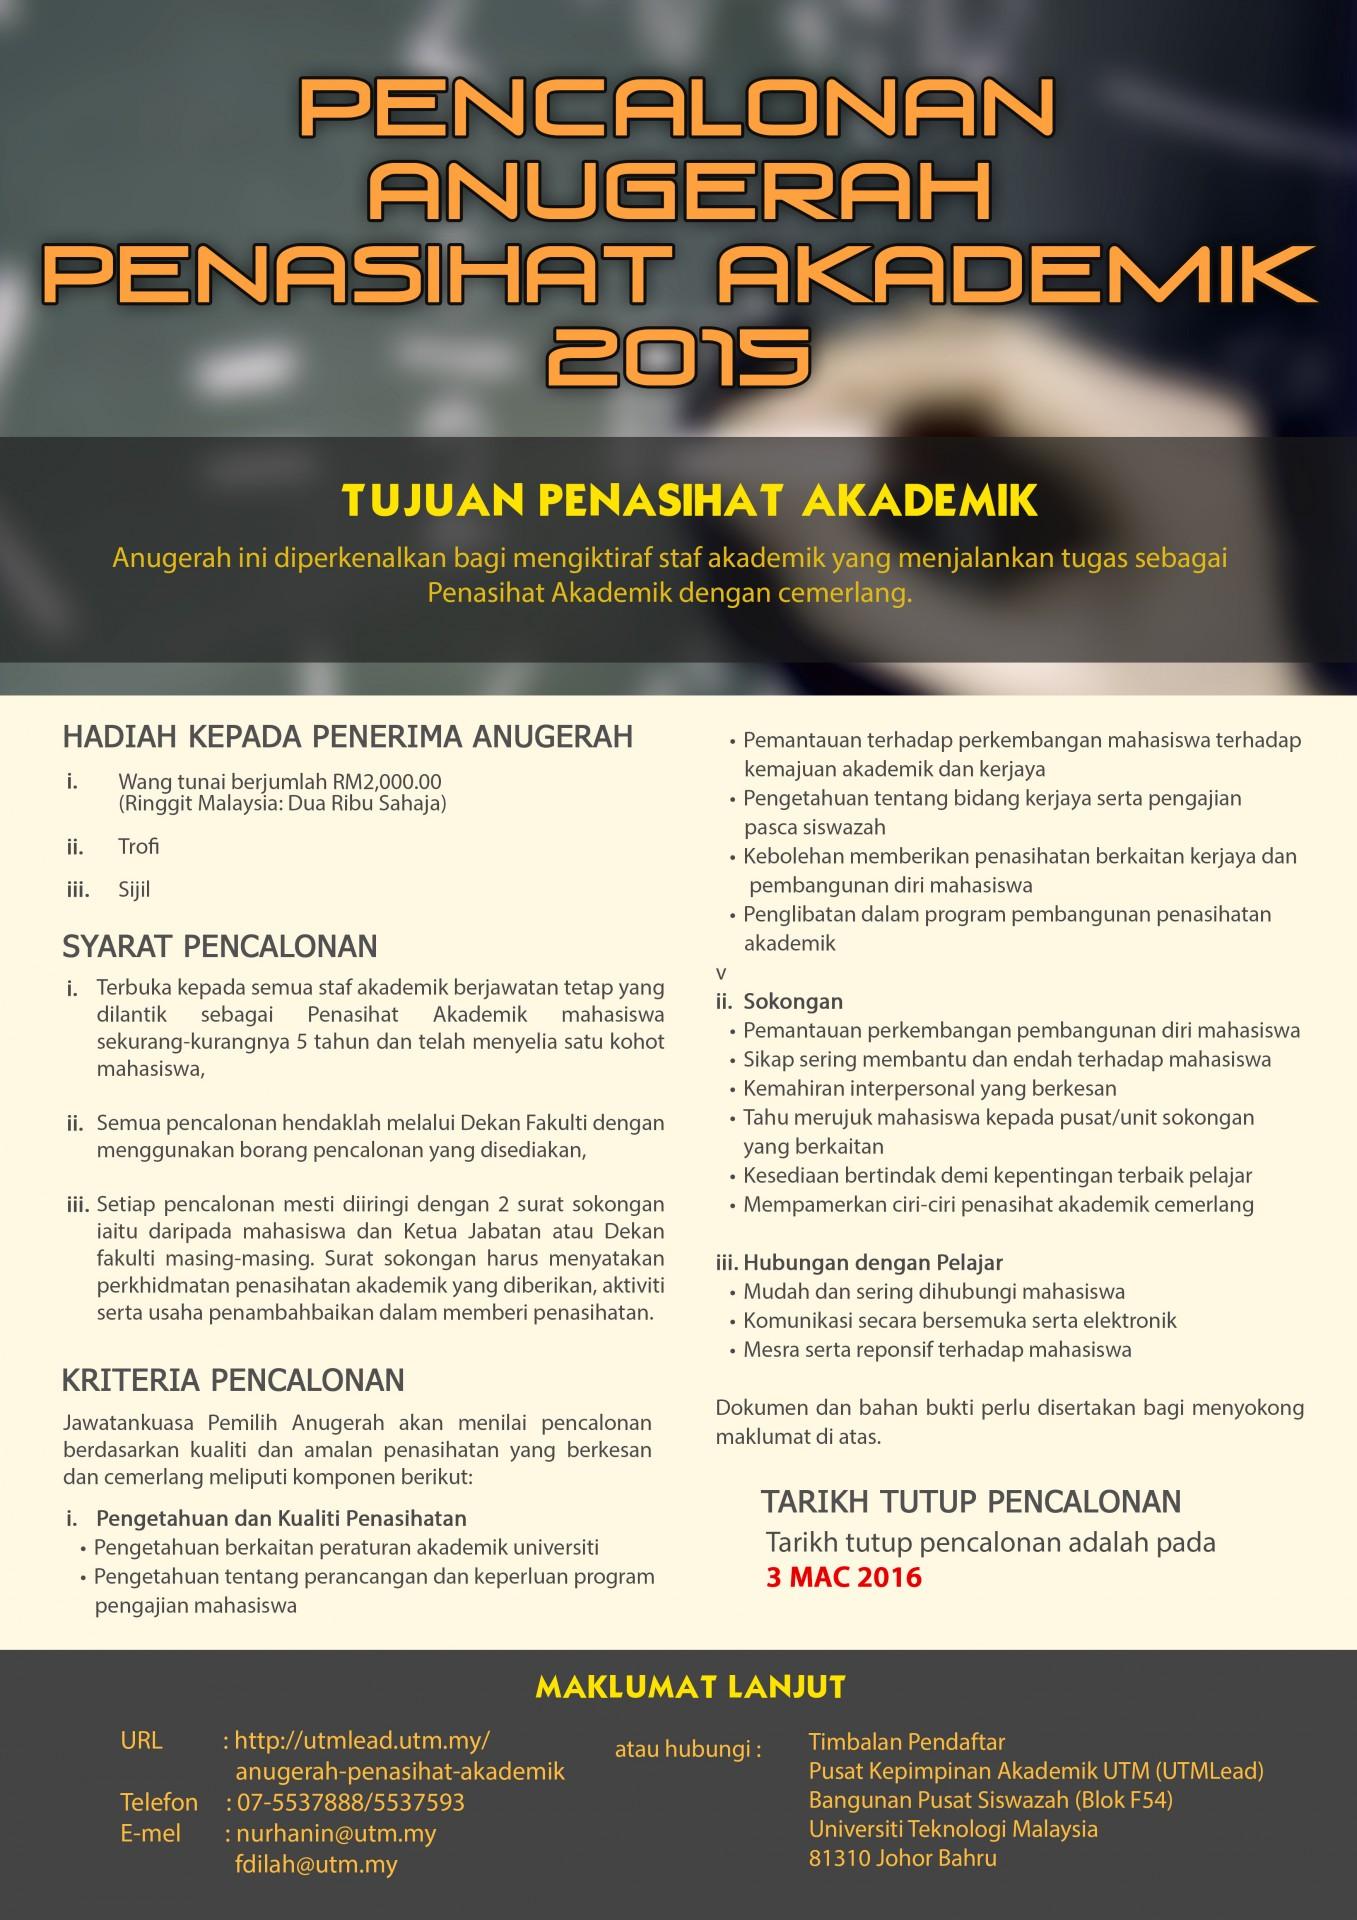 Poster Anugerah Penasihat Akademik 2015